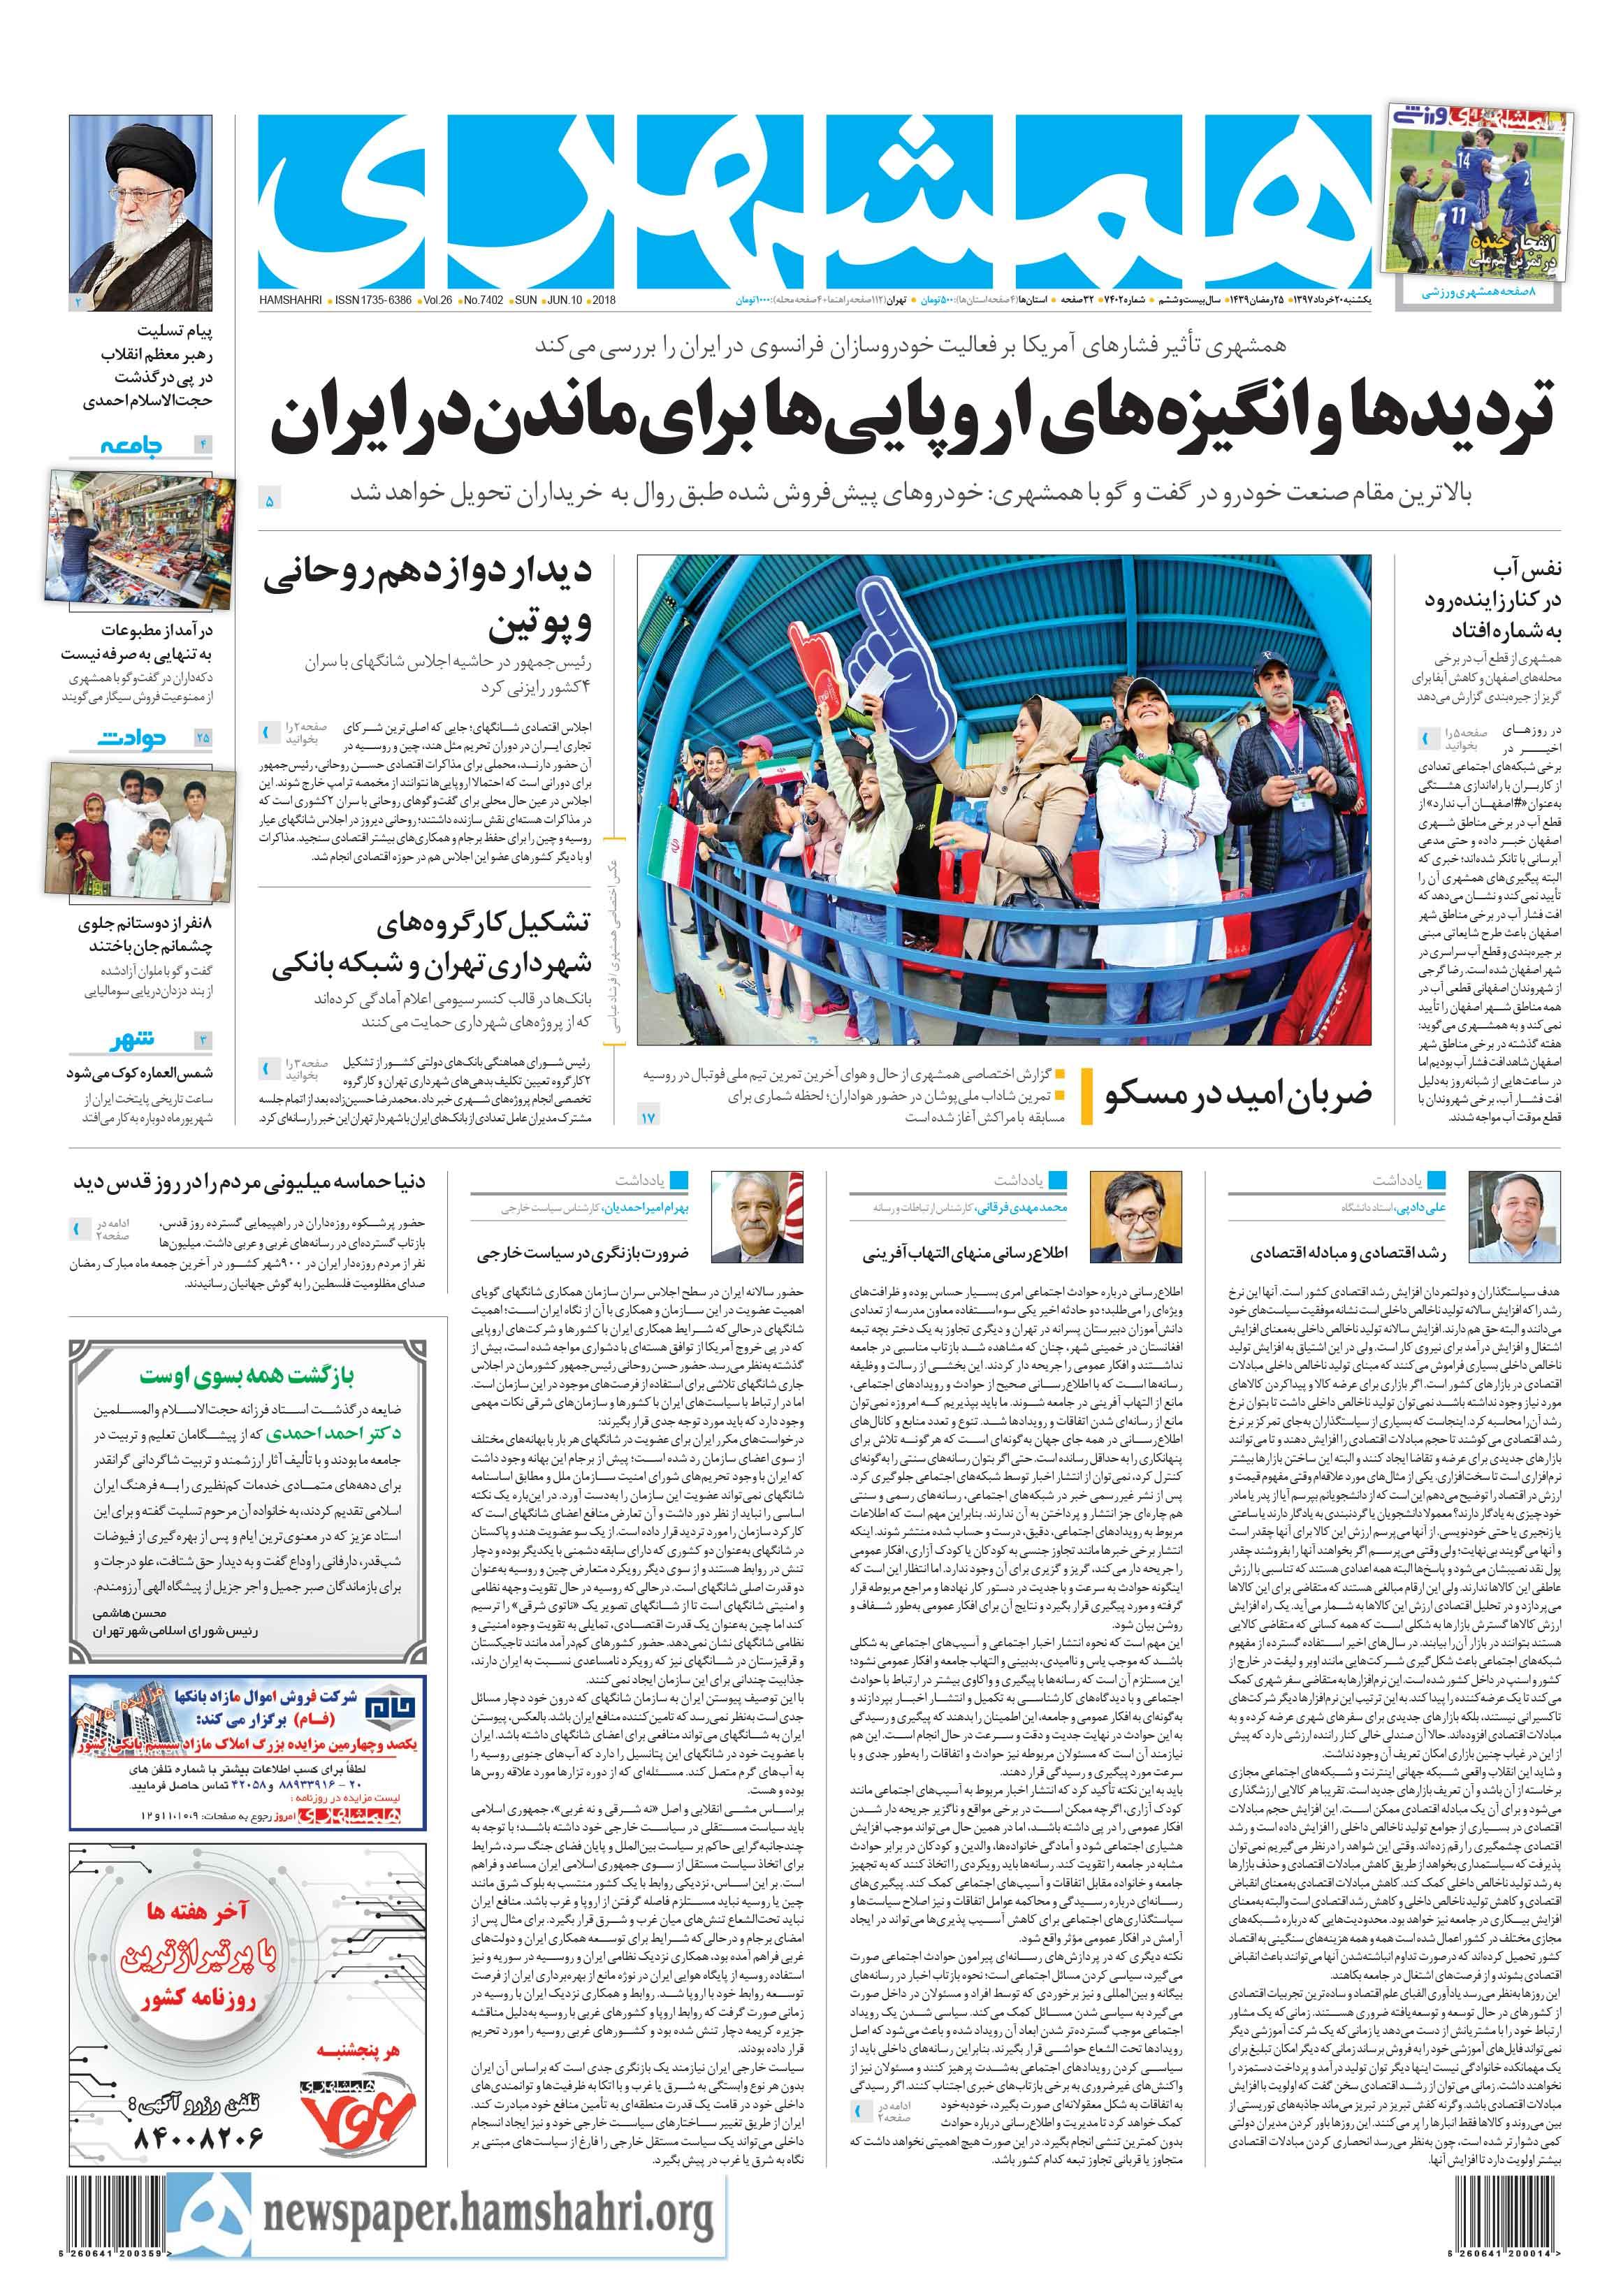 صفحه اول یکشنبه 20 خرداد 1397